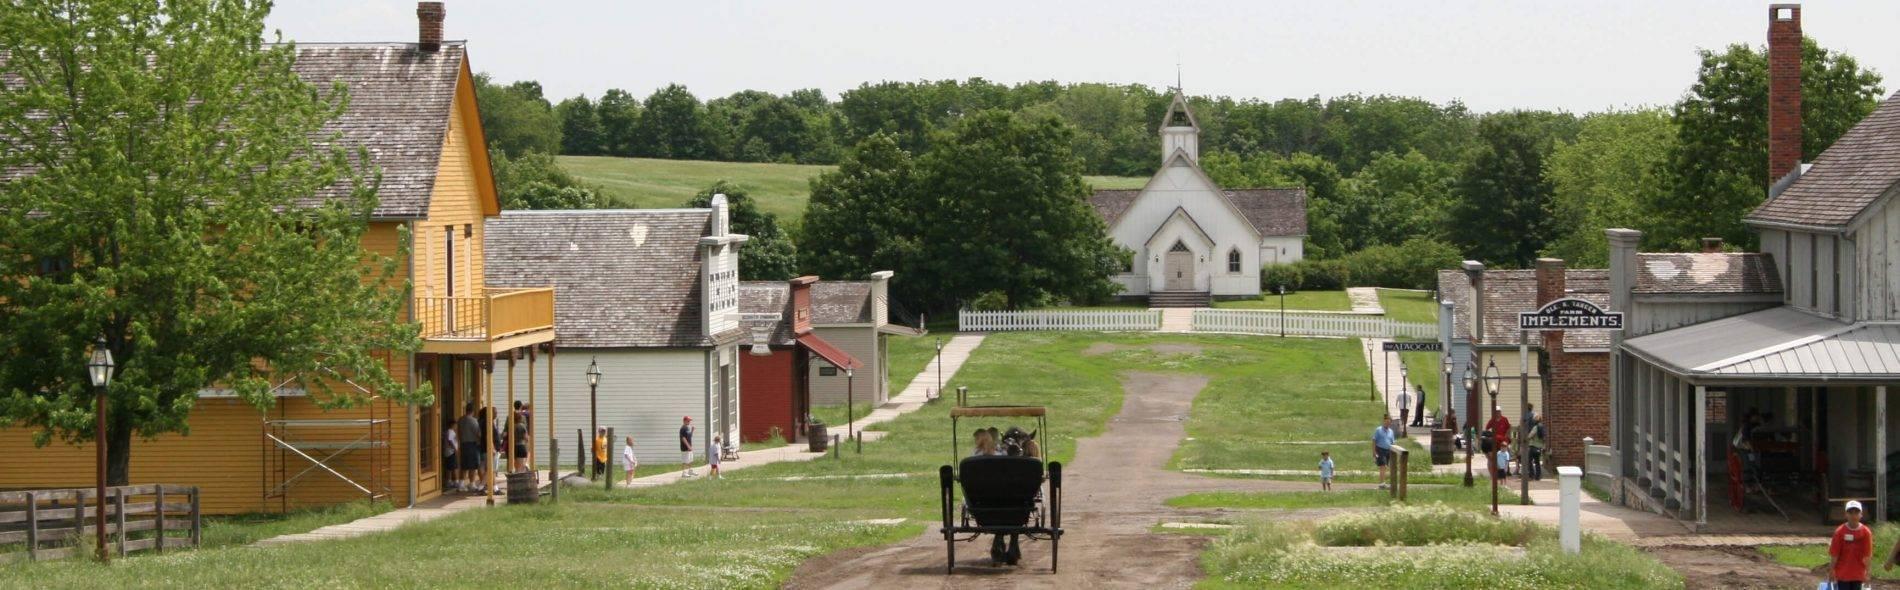 1875 Town of Walnut Hill